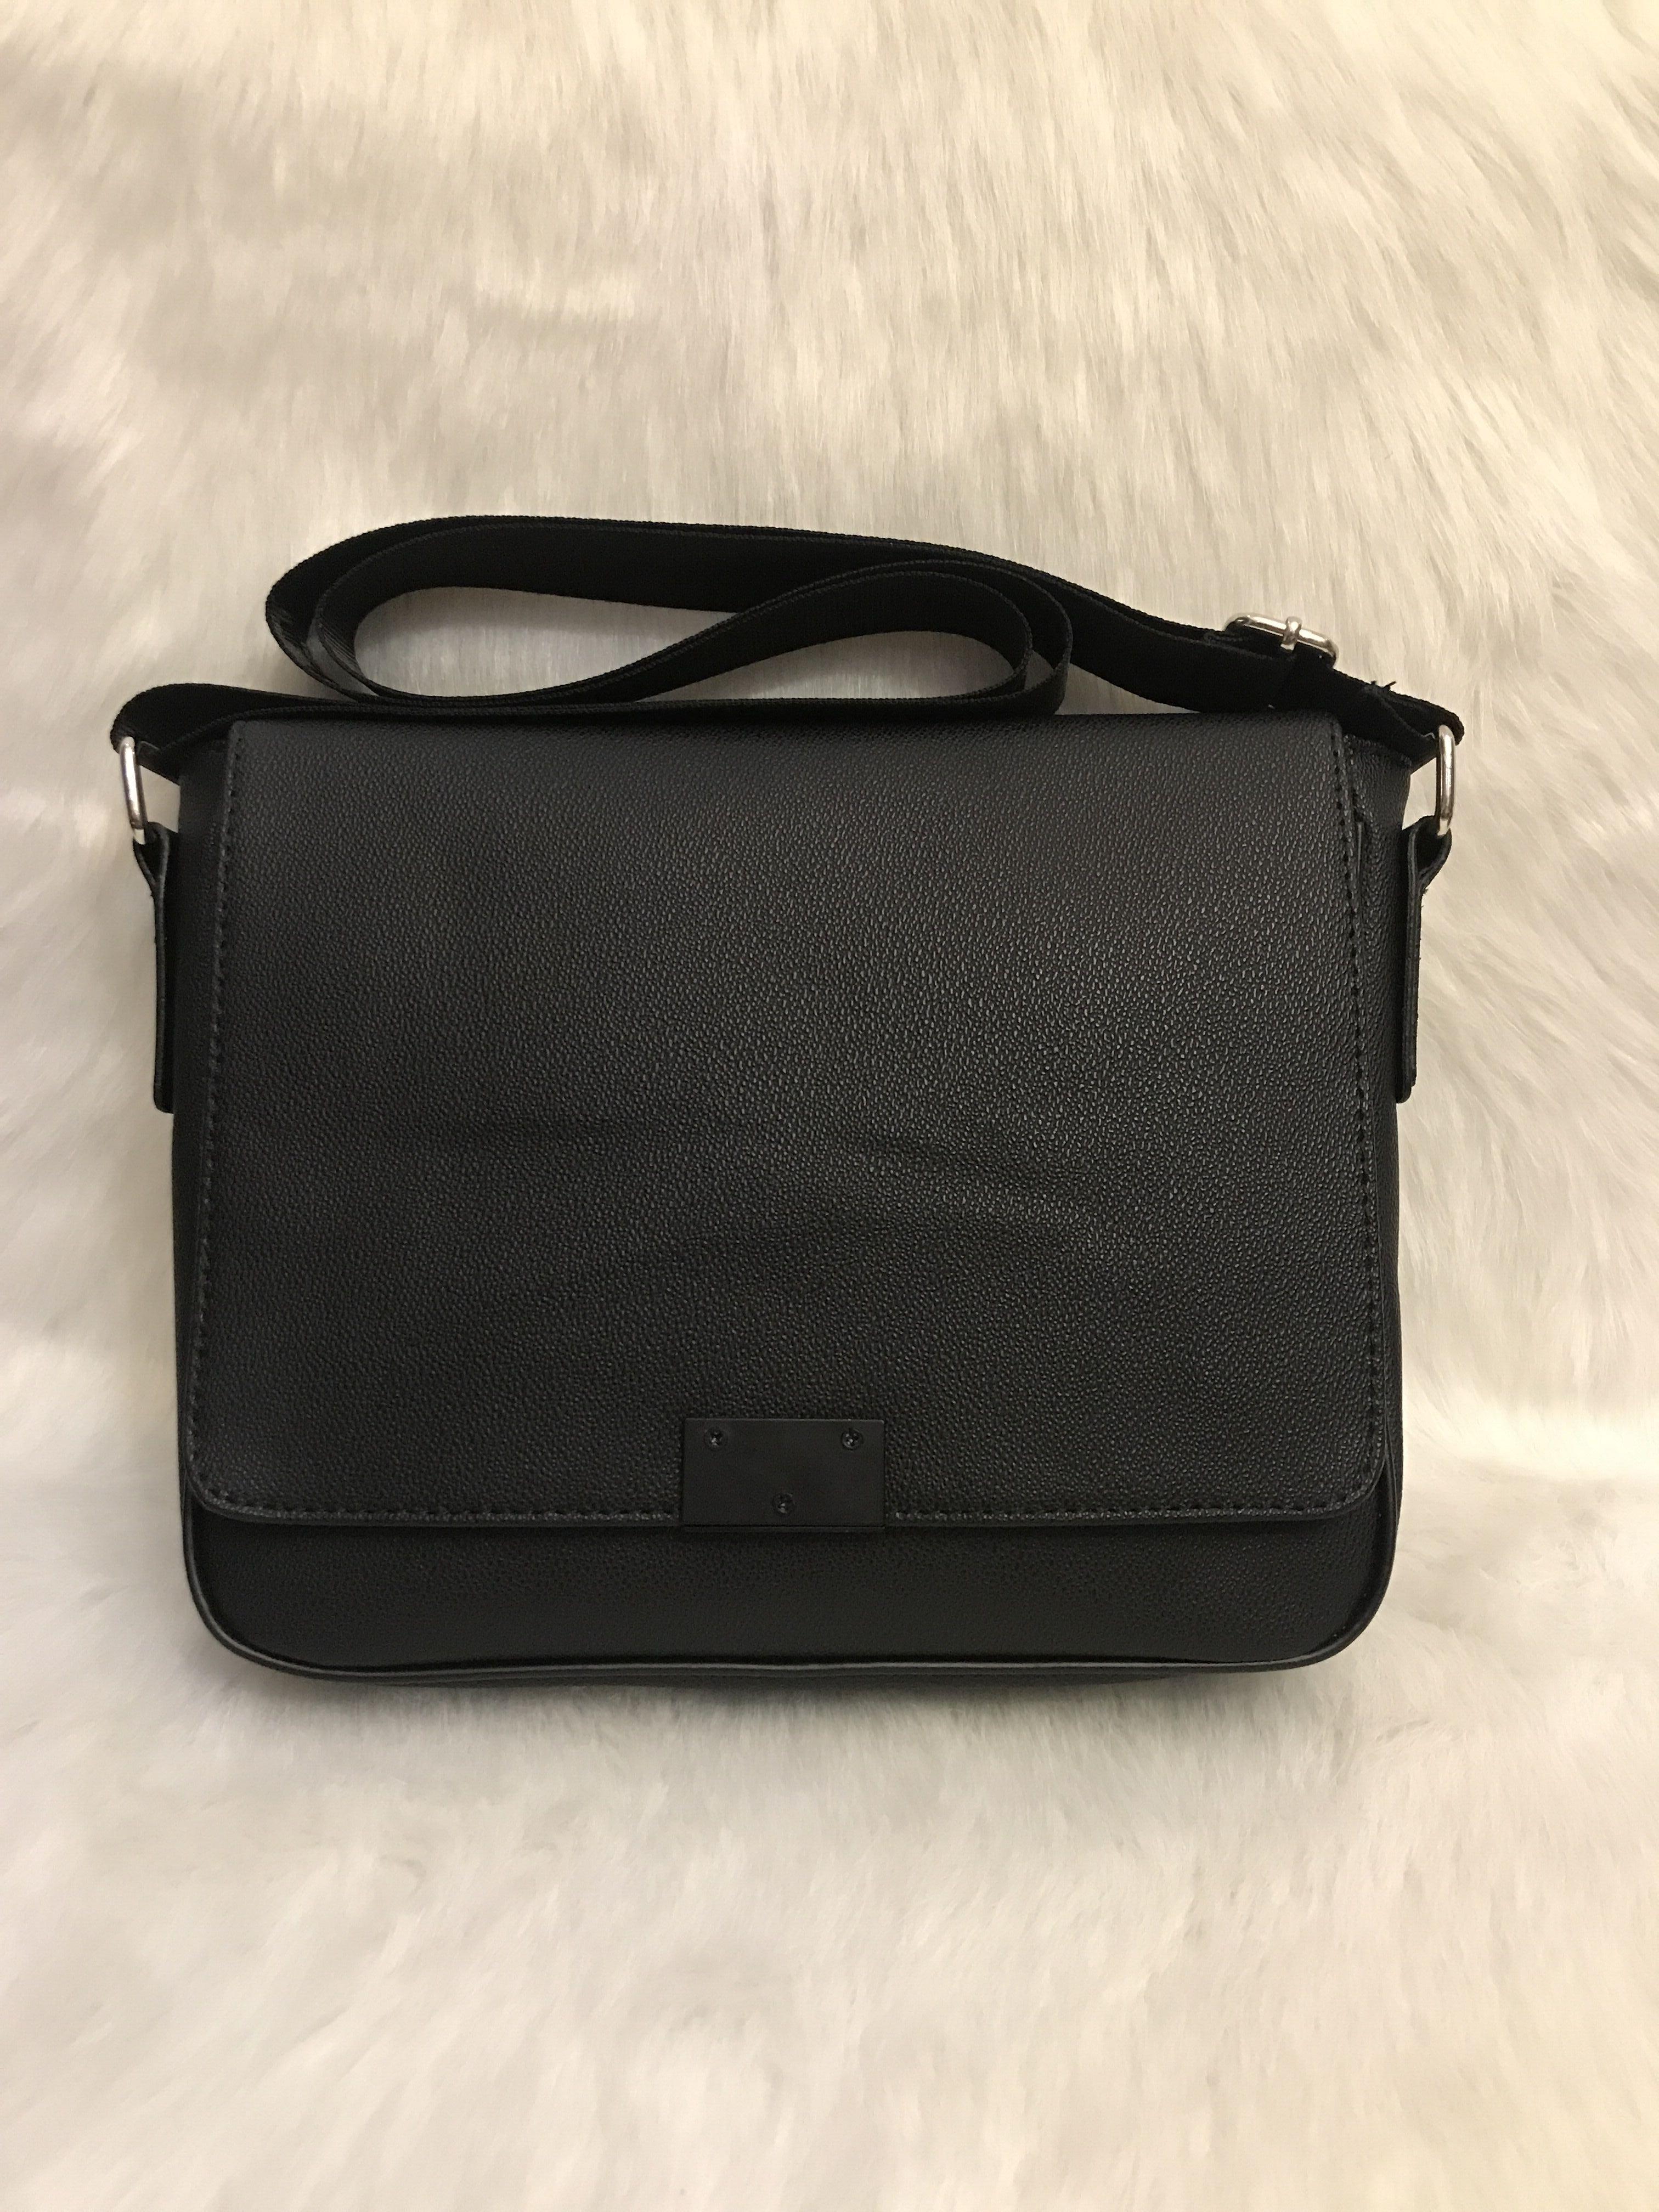 Wqoxn Bag Messenger Classic Men Nueva Moda 41213 con Bolsas Cross School Debe Body Bookbag Bolsa de polvo 2019 Sulvg